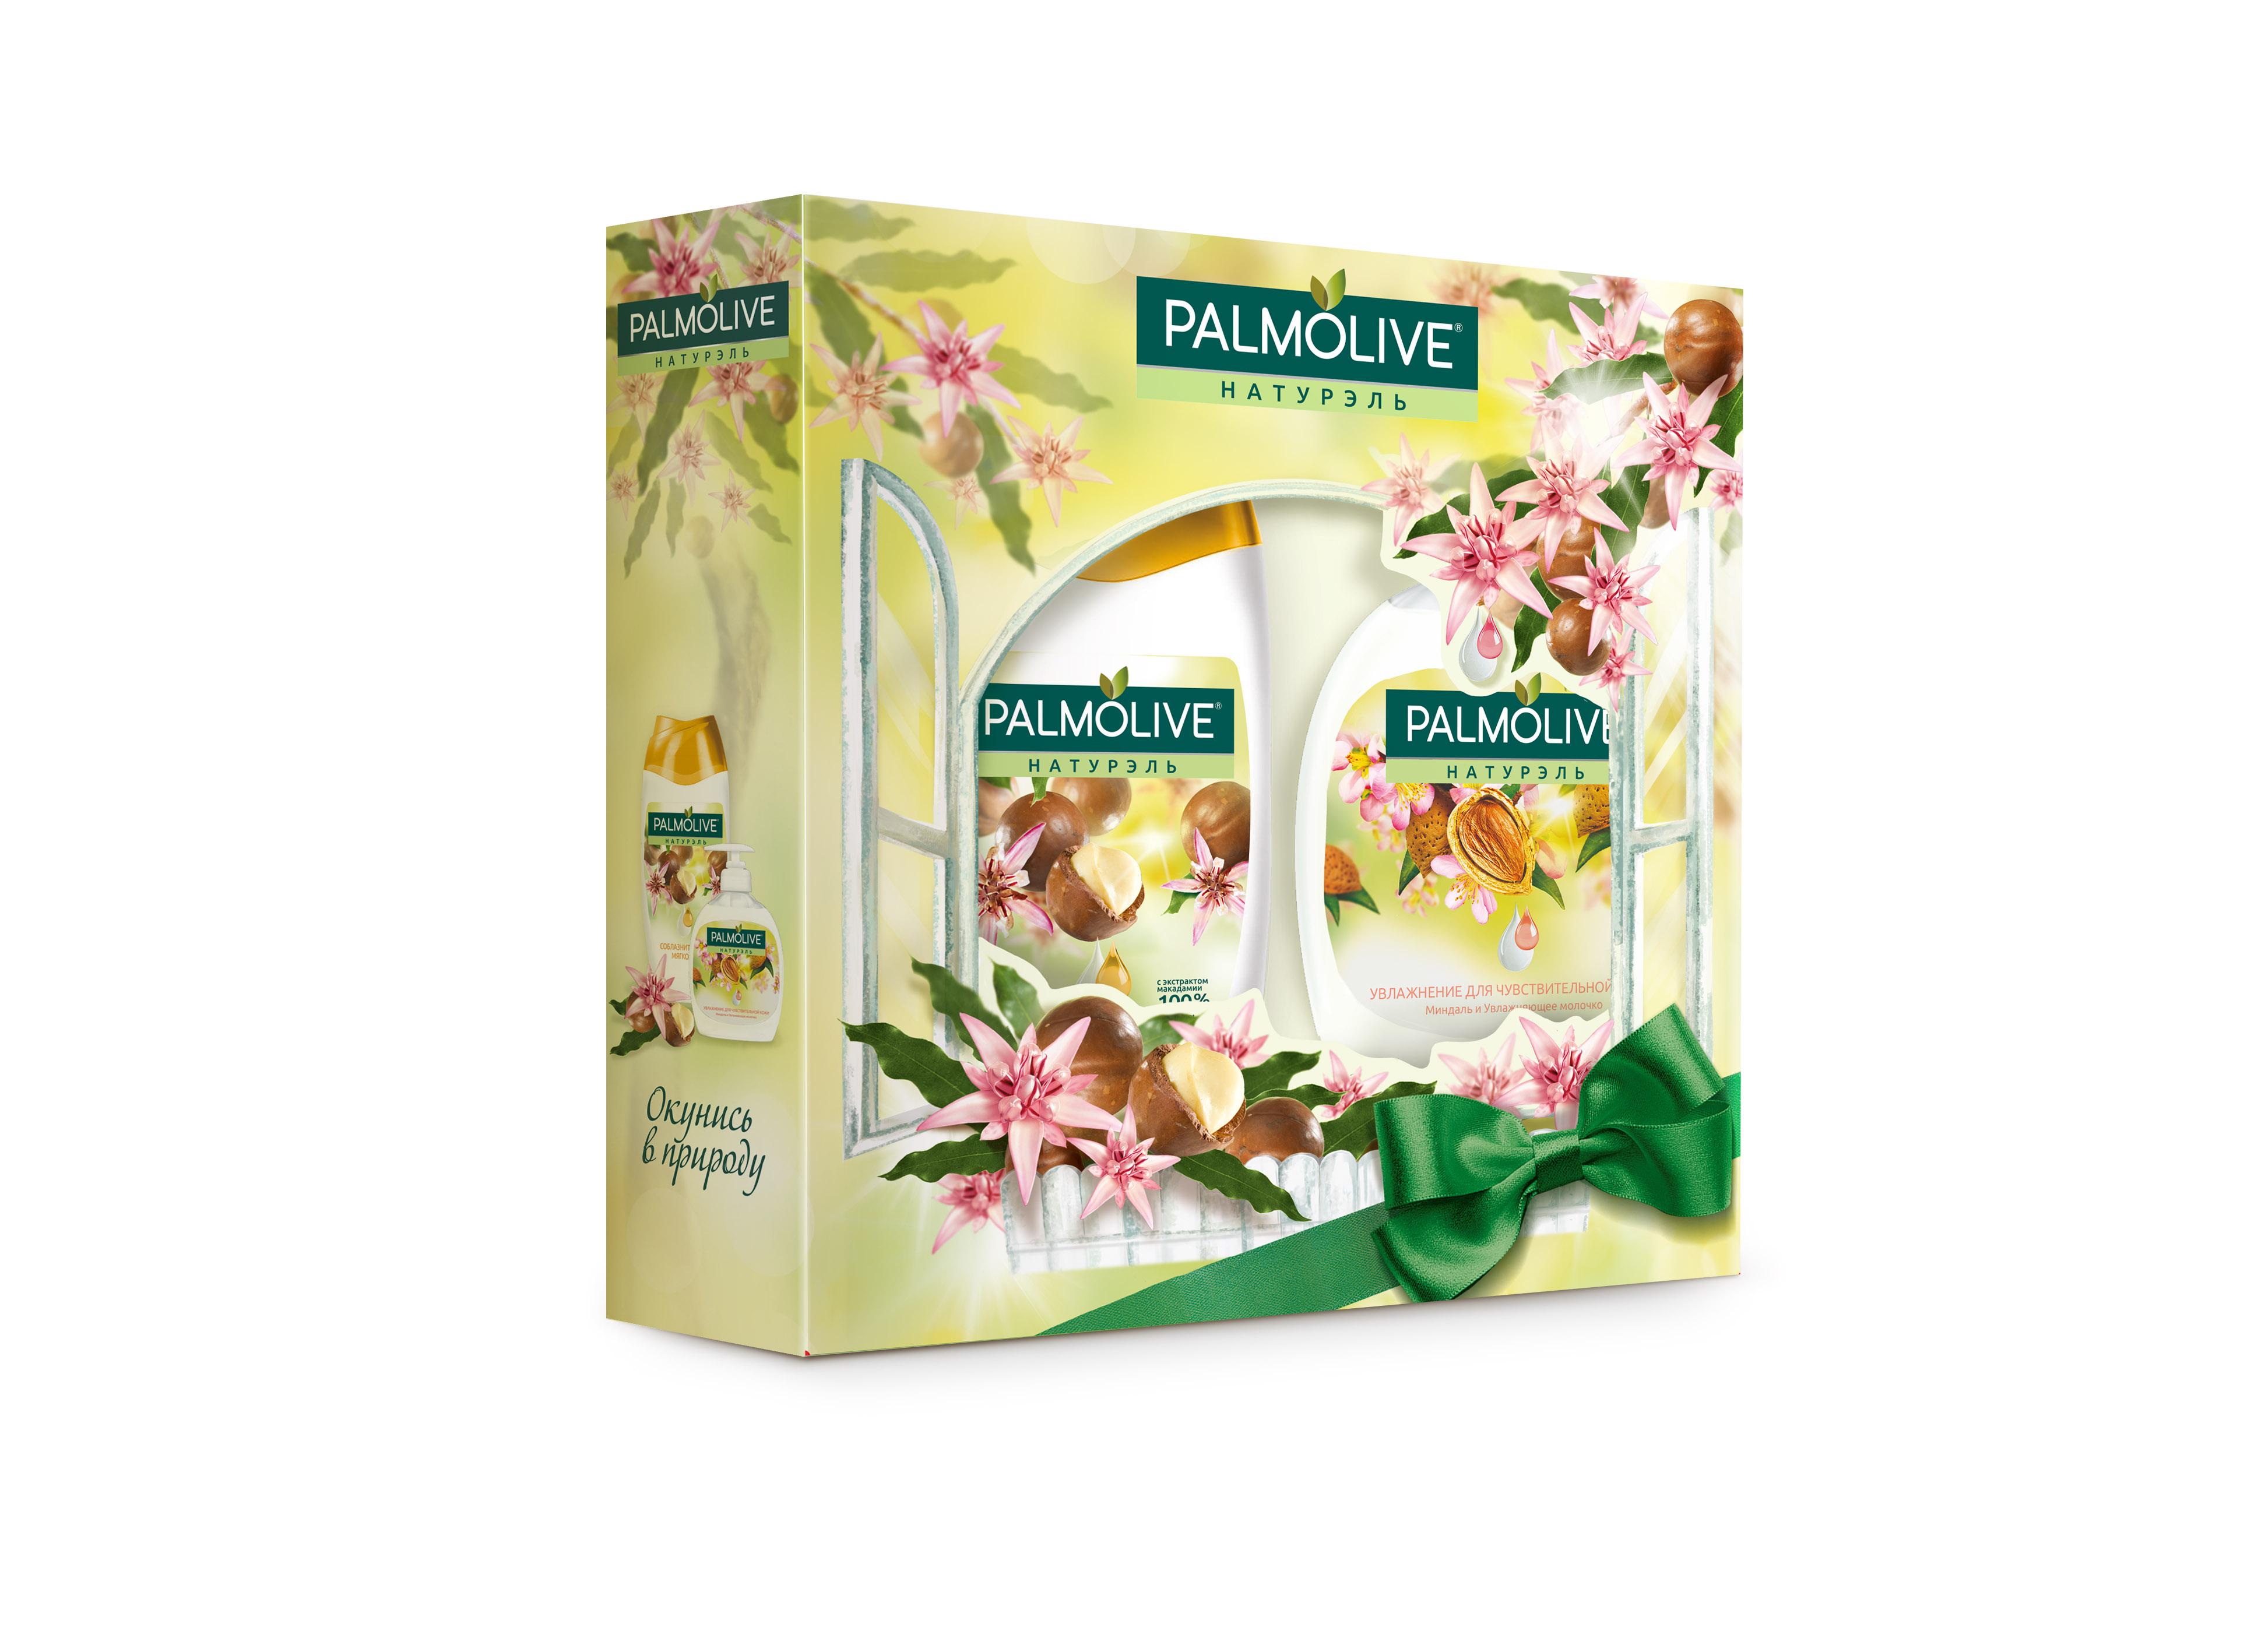 Подарочный набор Palmolive Натурэль Соблазнительная Мягкость с экстрактом МакадамииSC-FM20104Гель для душа Макадамия 250мл - 1шт, жидкое мыло Миндаль 300мл - 1шт в коробке